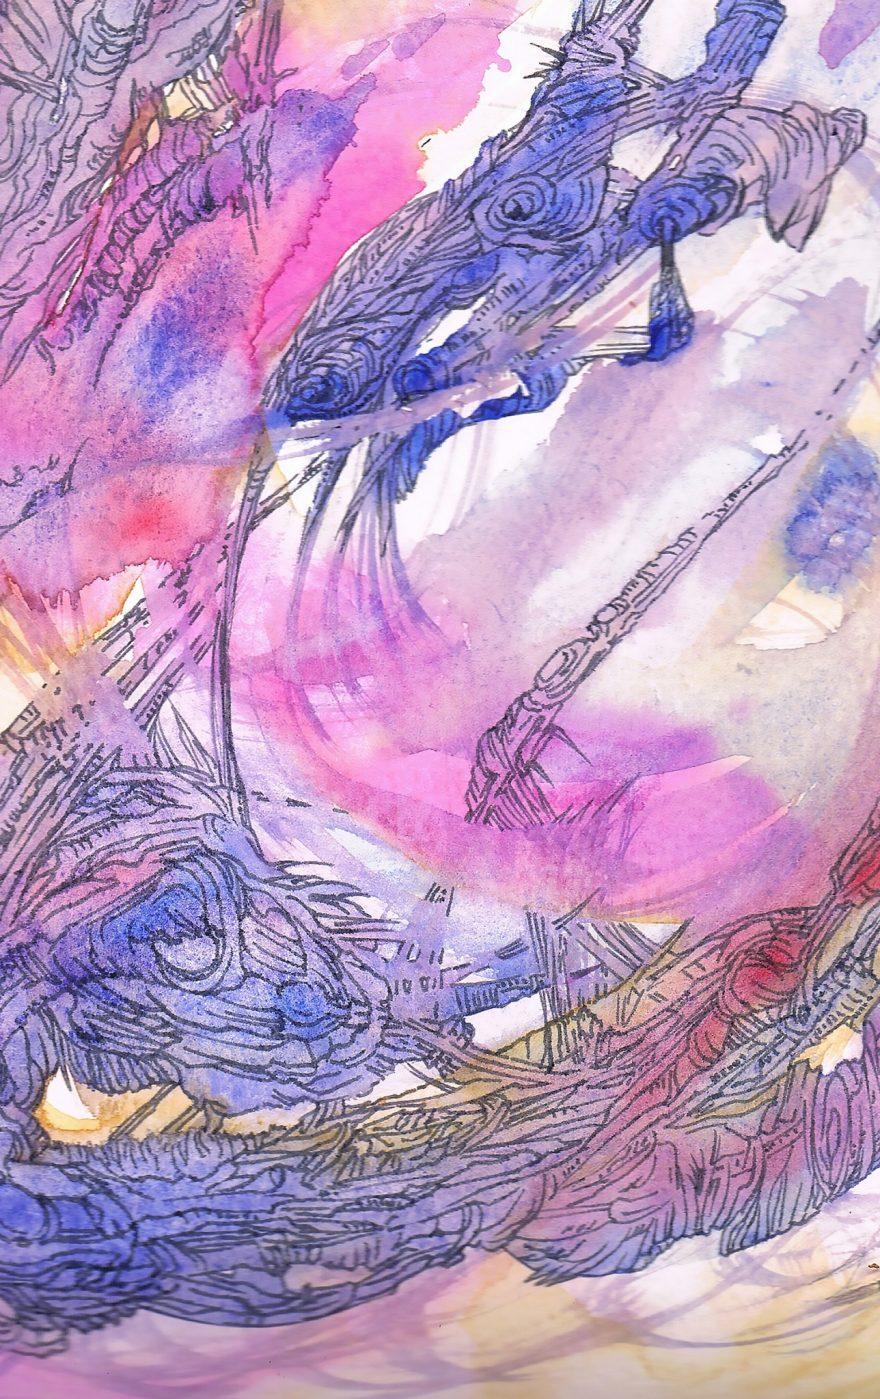 détail de excession-univers connu- dessin original de Marie-Catherine Arrighi - aquarelle d'artiste français- symbolist painting